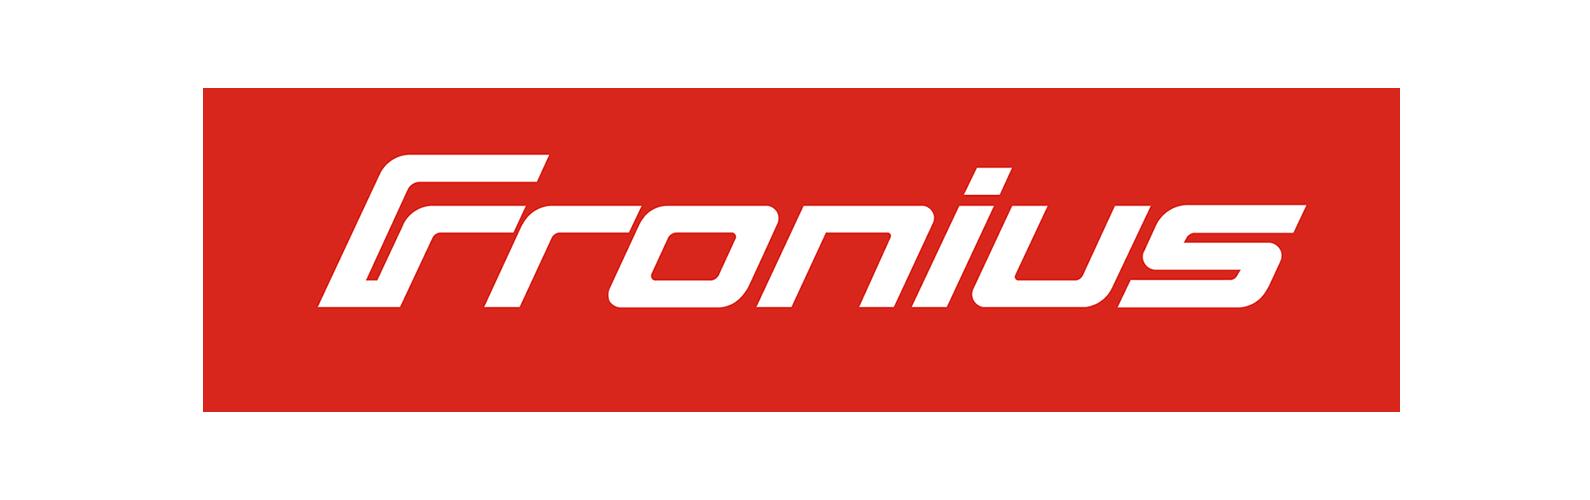 01_Fronius